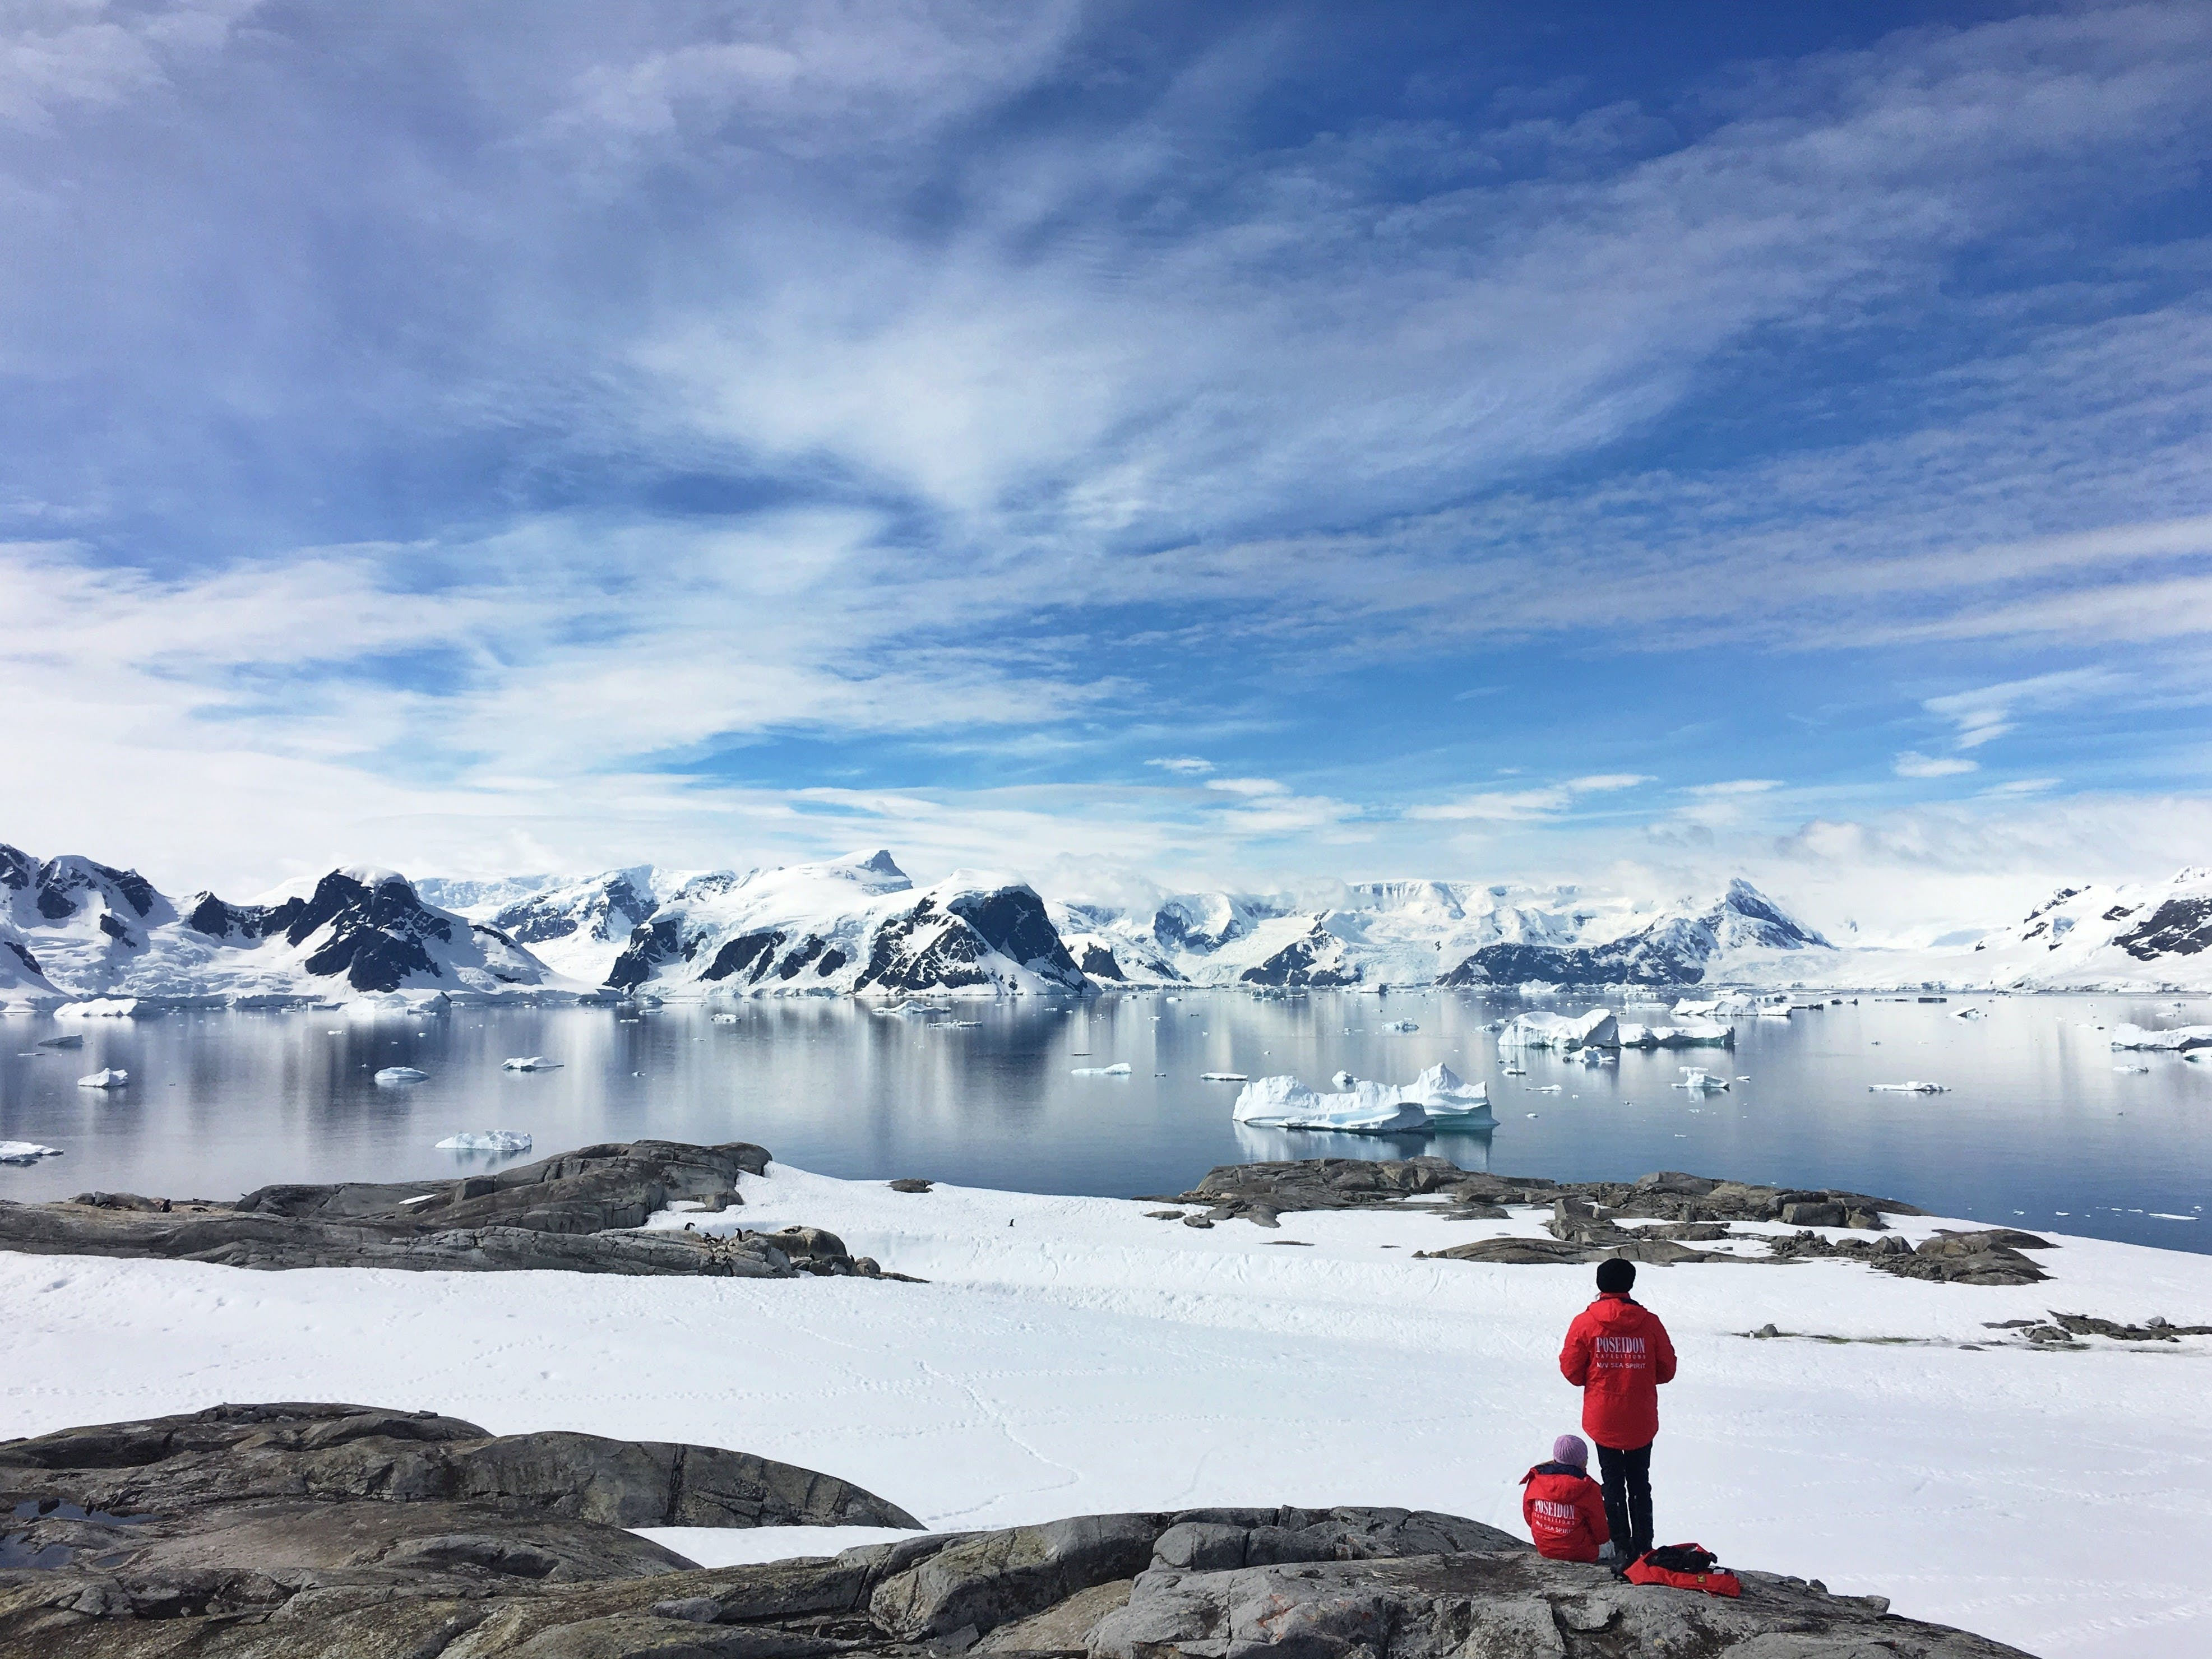 Antarctica Upclose - Photo by Cassie Matias